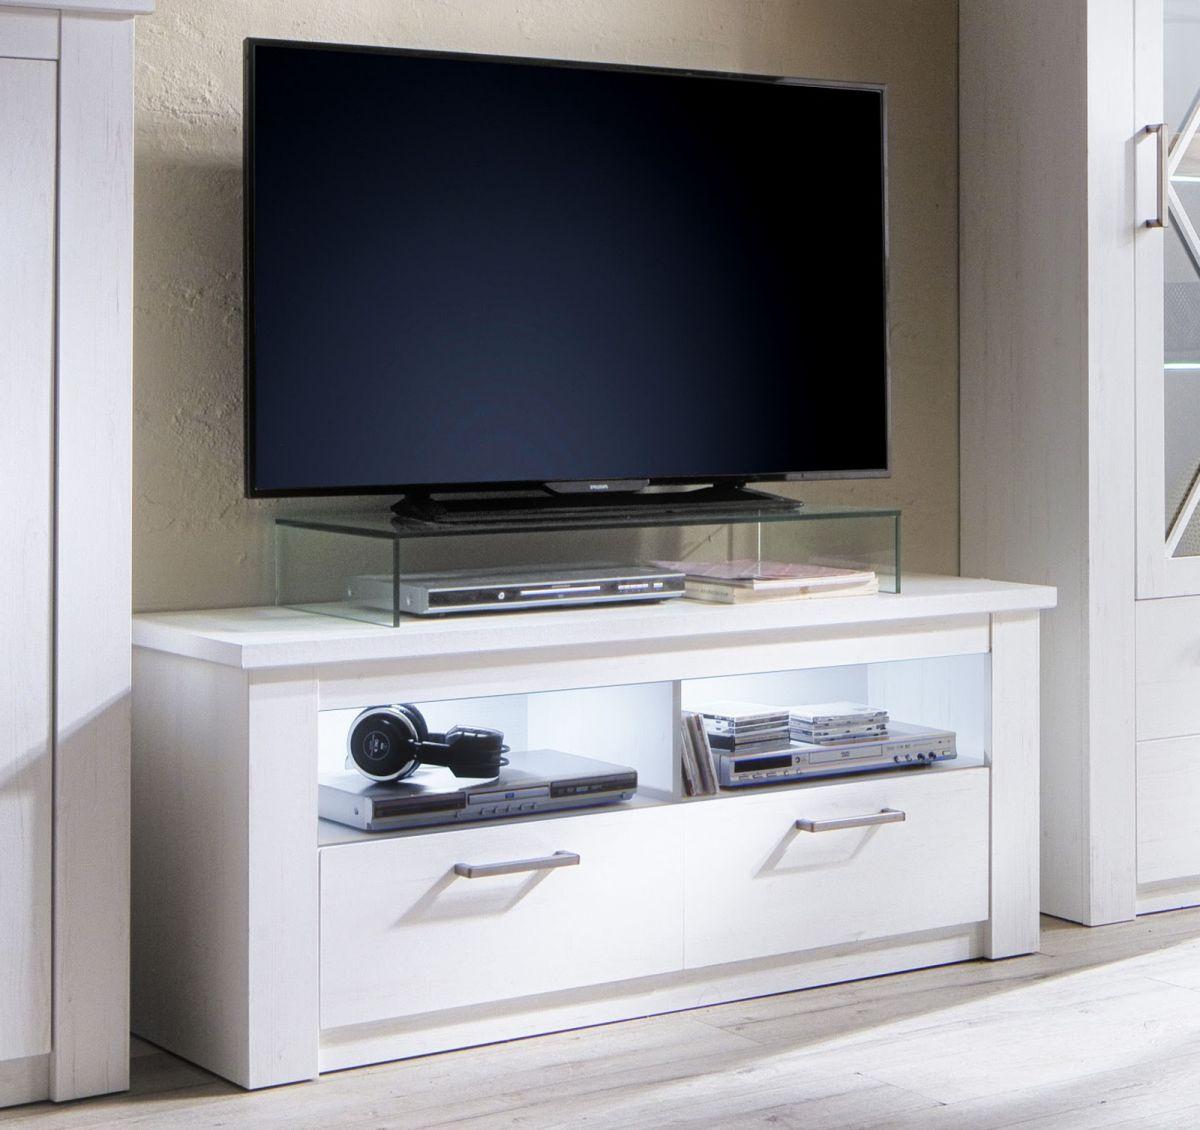 TV-Lowboard Georgia Pinie Struktur weiss Dekor 139x58 cm Landhaus